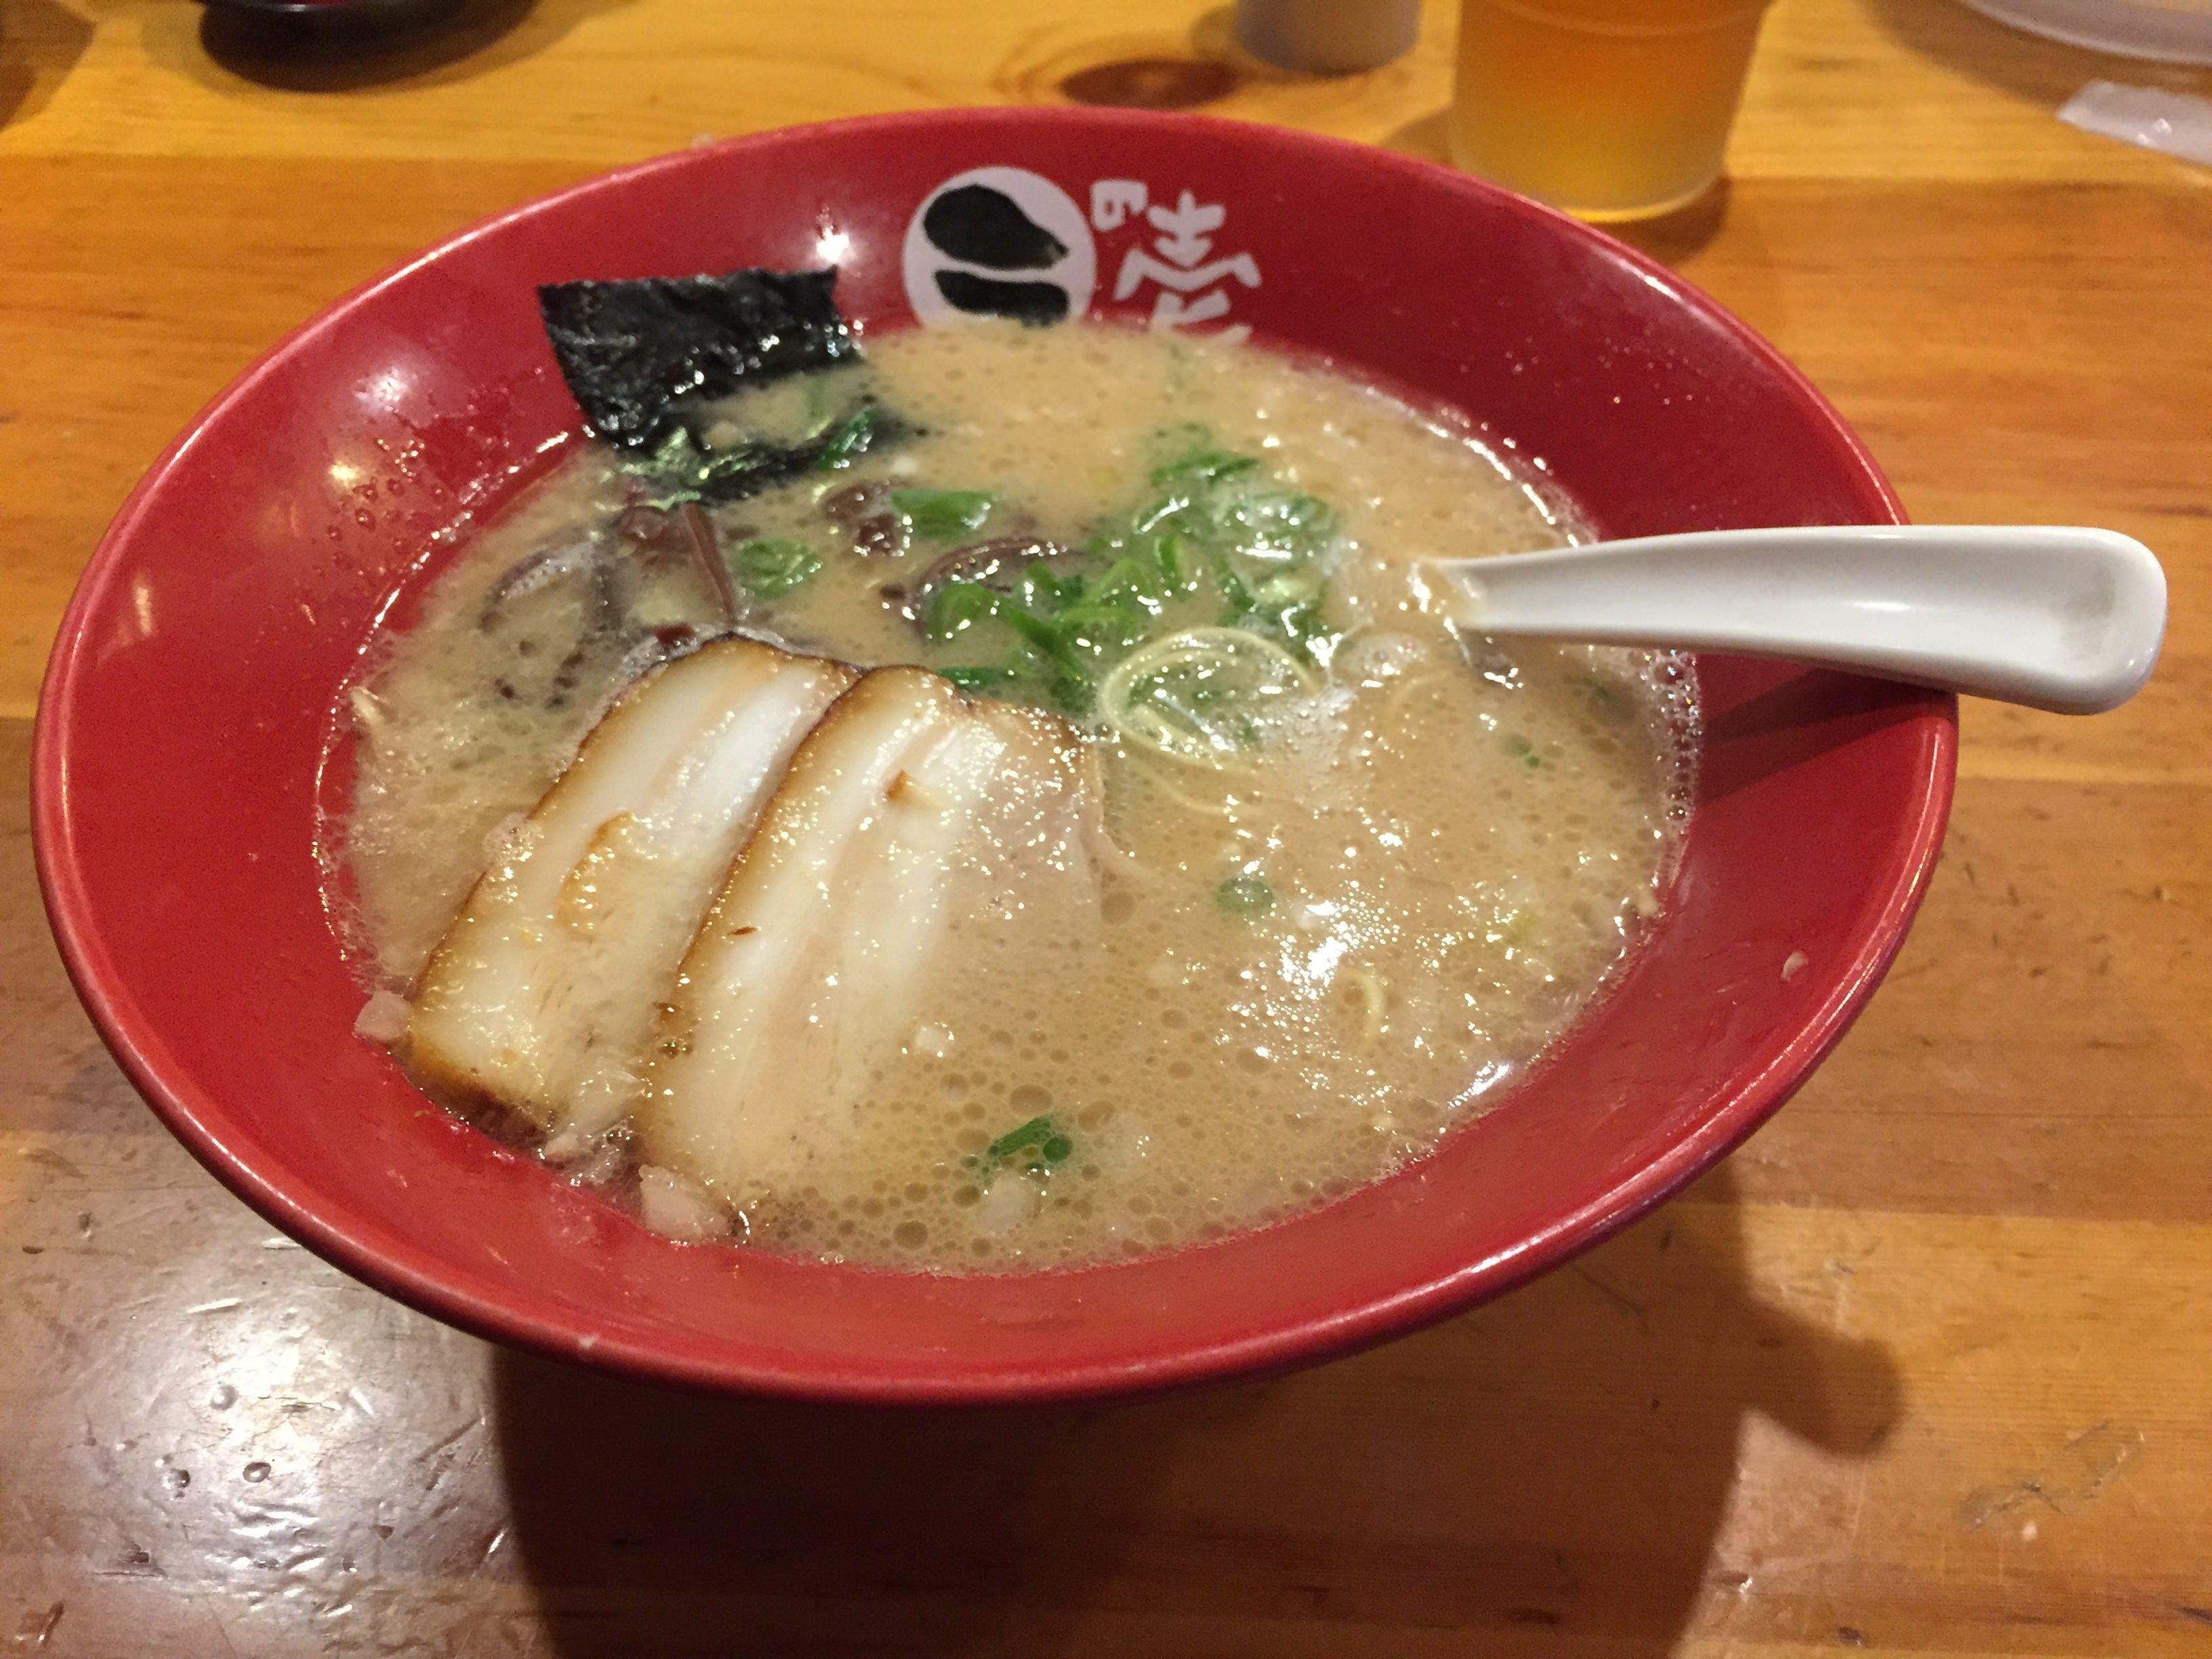 「とんこつラーメン ラの壱 春日井店」のラーメンはとても美味しかった!!